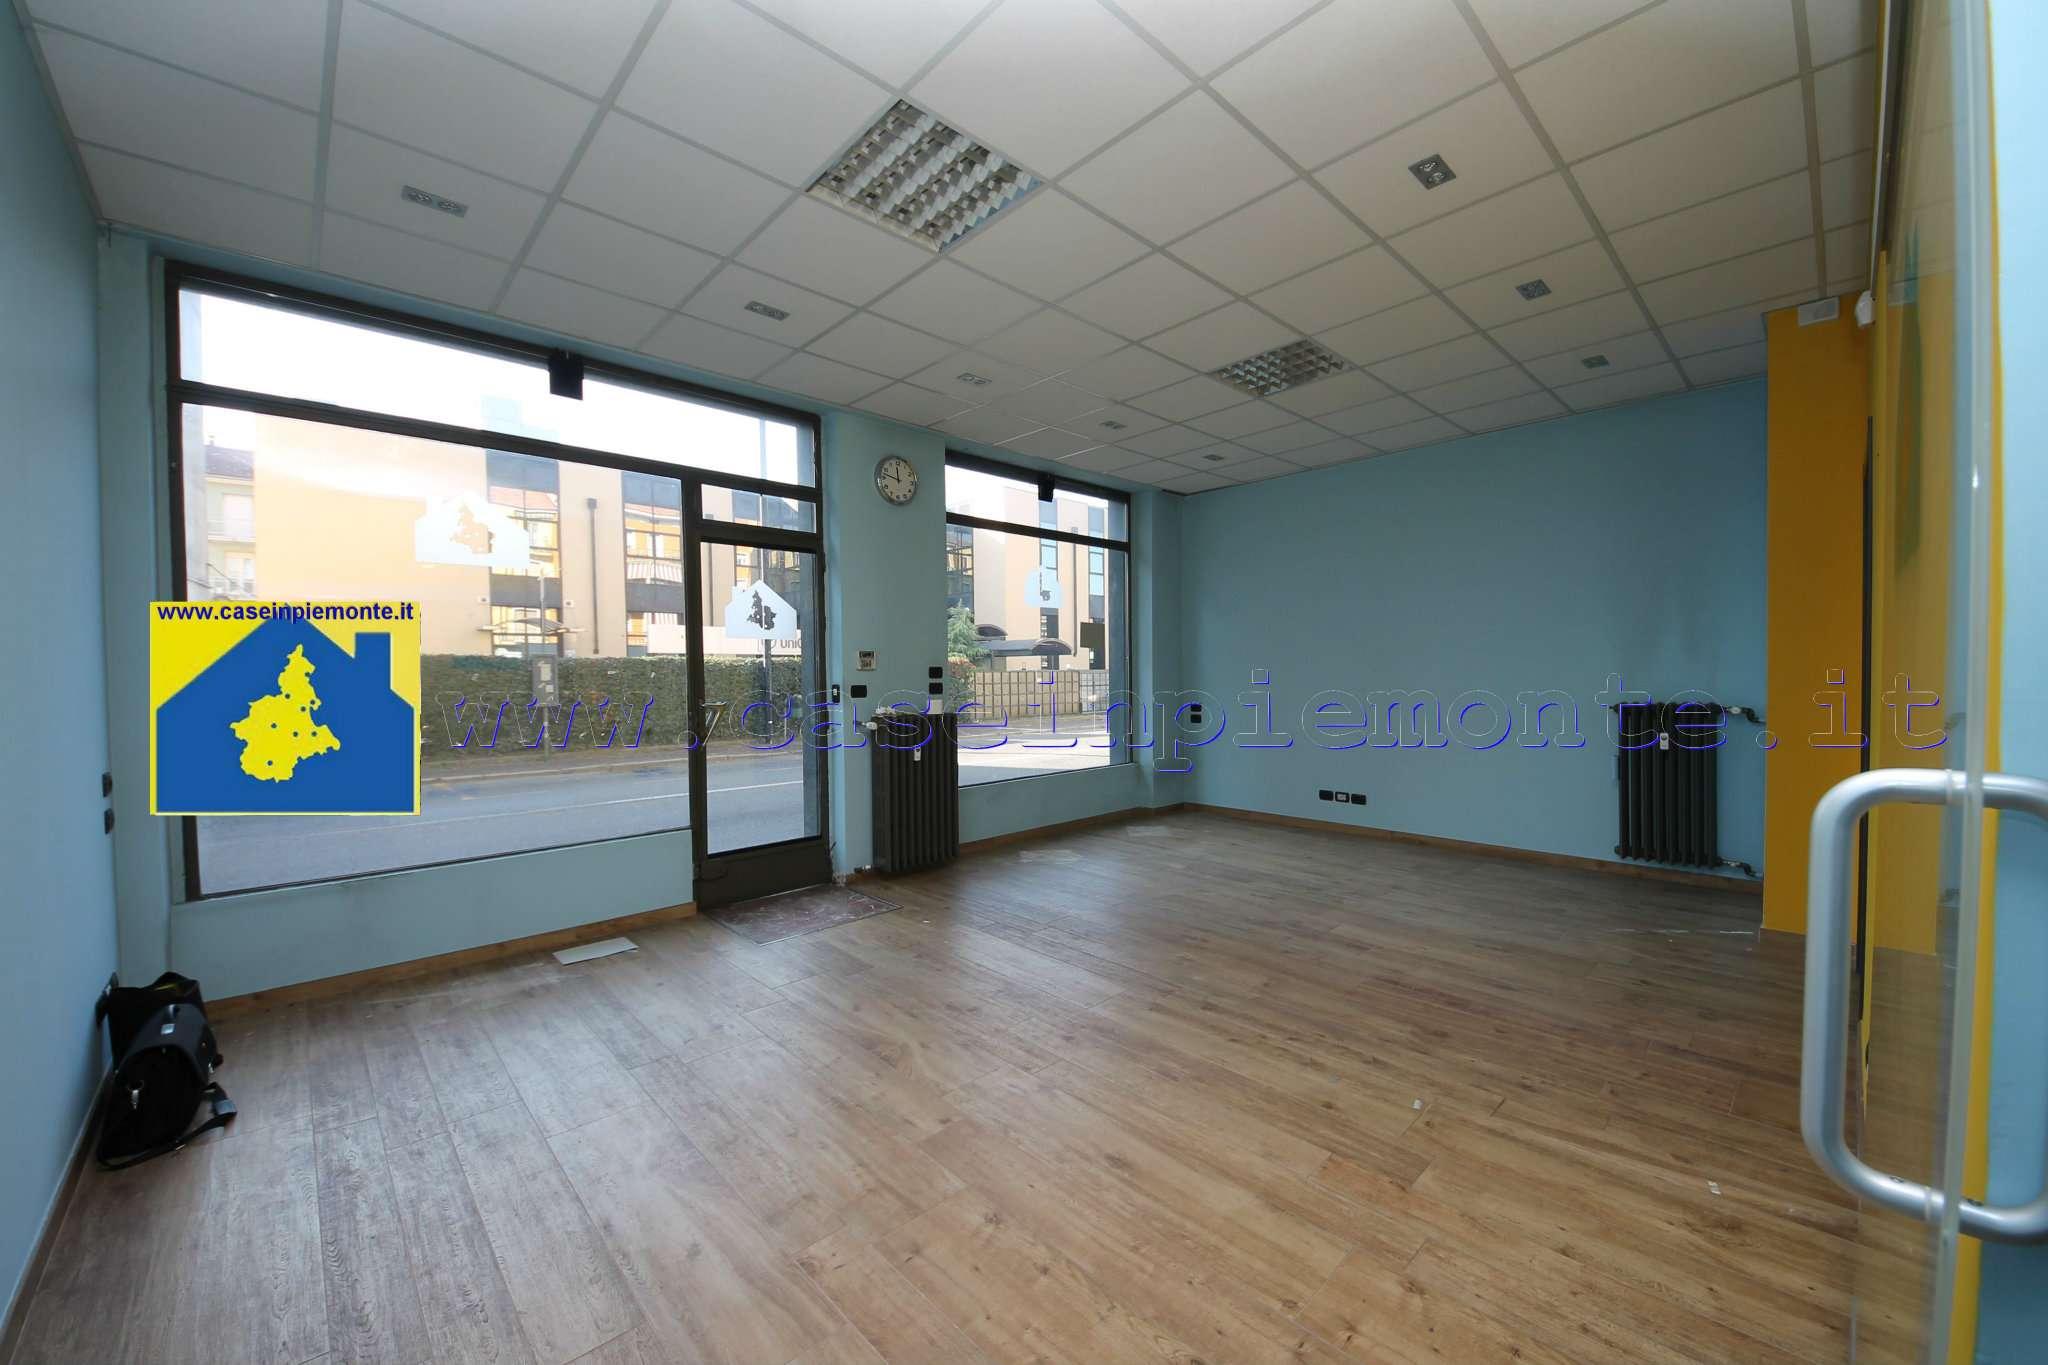 Ufficio / Studio in vendita a Alpignano, 2 locali, prezzo € 107.000 | PortaleAgenzieImmobiliari.it